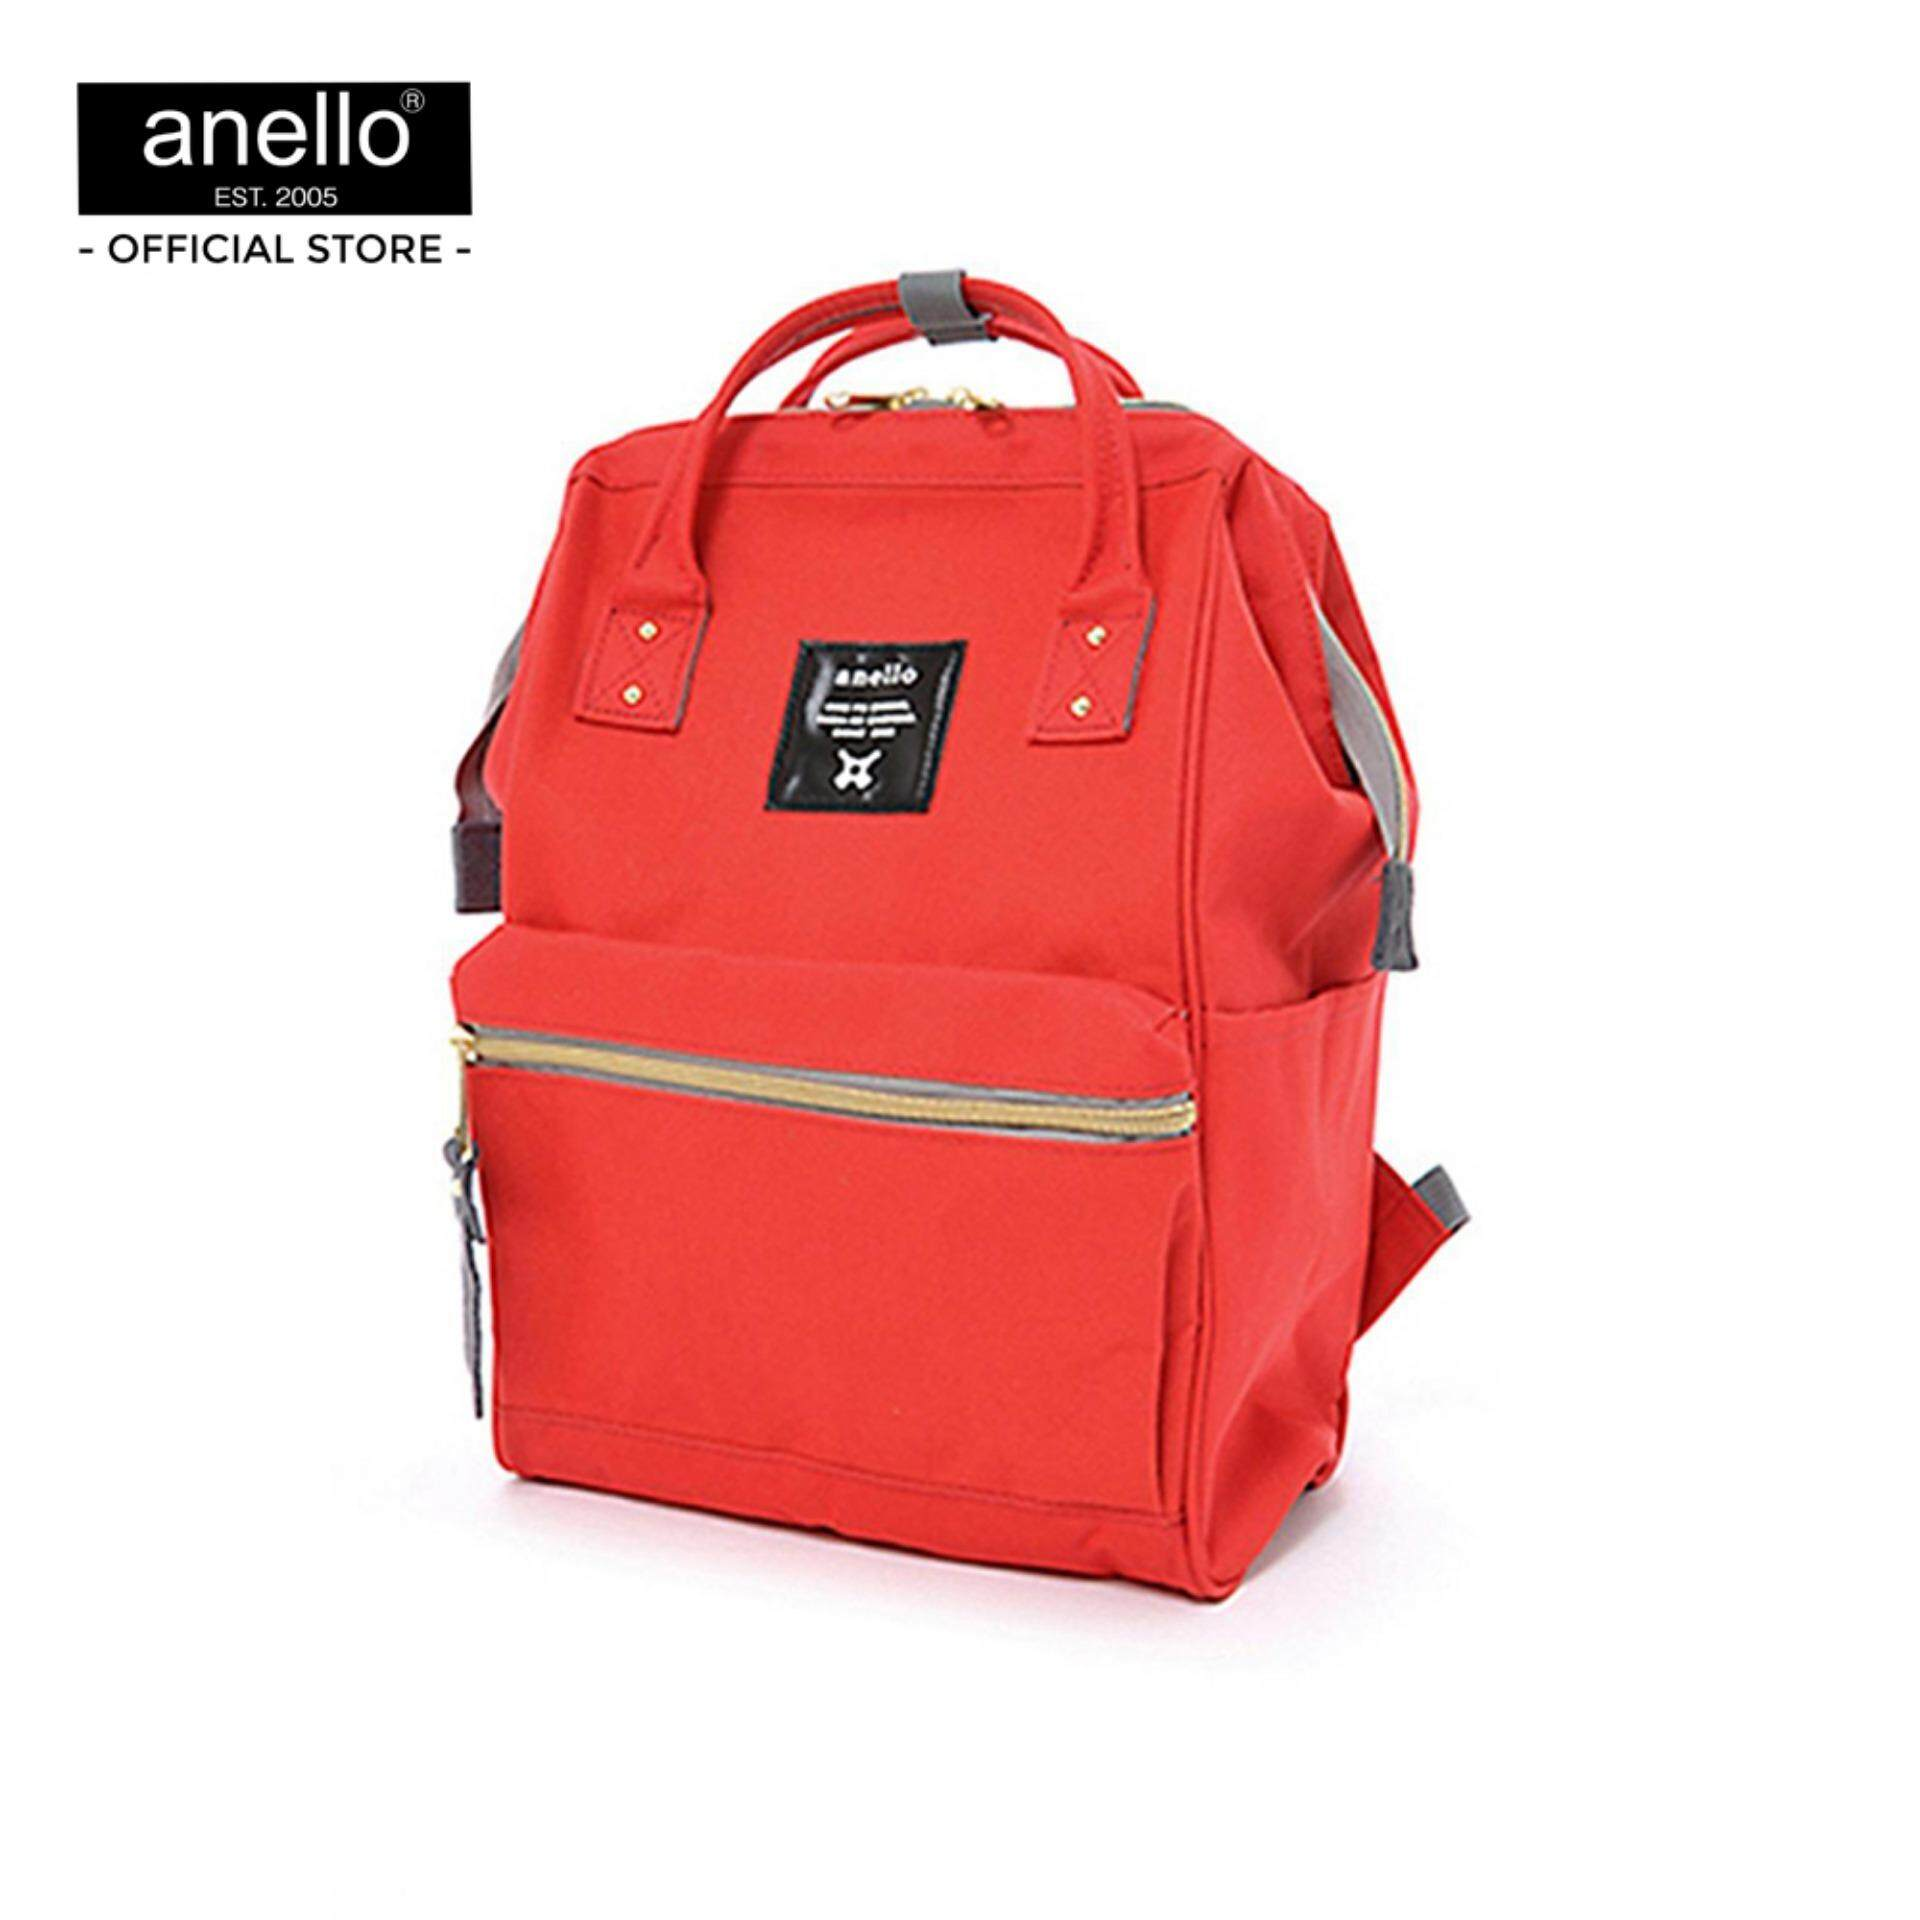 ยี่ห้อไหนดี  พังงา anello กระเป๋า Mini Backpack_AT-B0197B